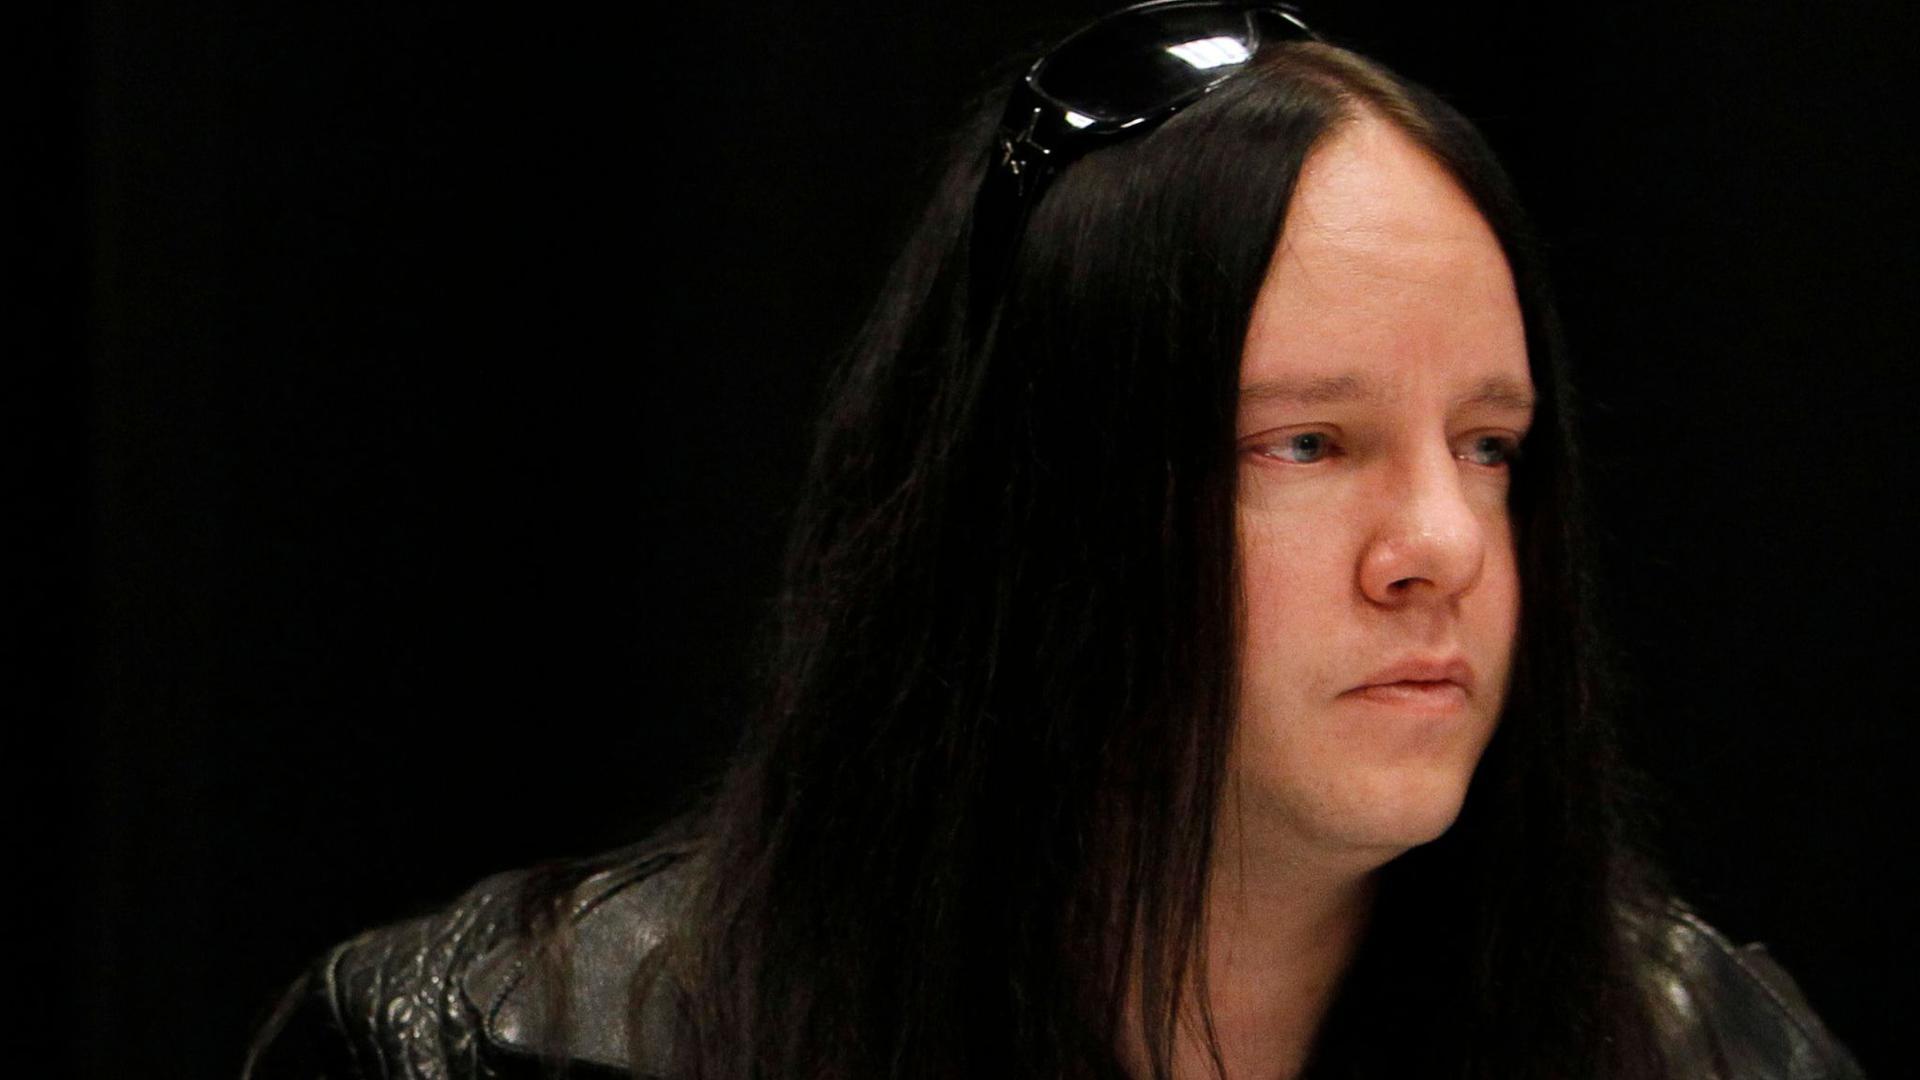 Joey Jordison 2010 in Des Moines.  Der ehemalige Schlagzeuger der Metal-Band Slipknot ist Medienberichten zufolge im Alter von 46 Jahren gestorben.